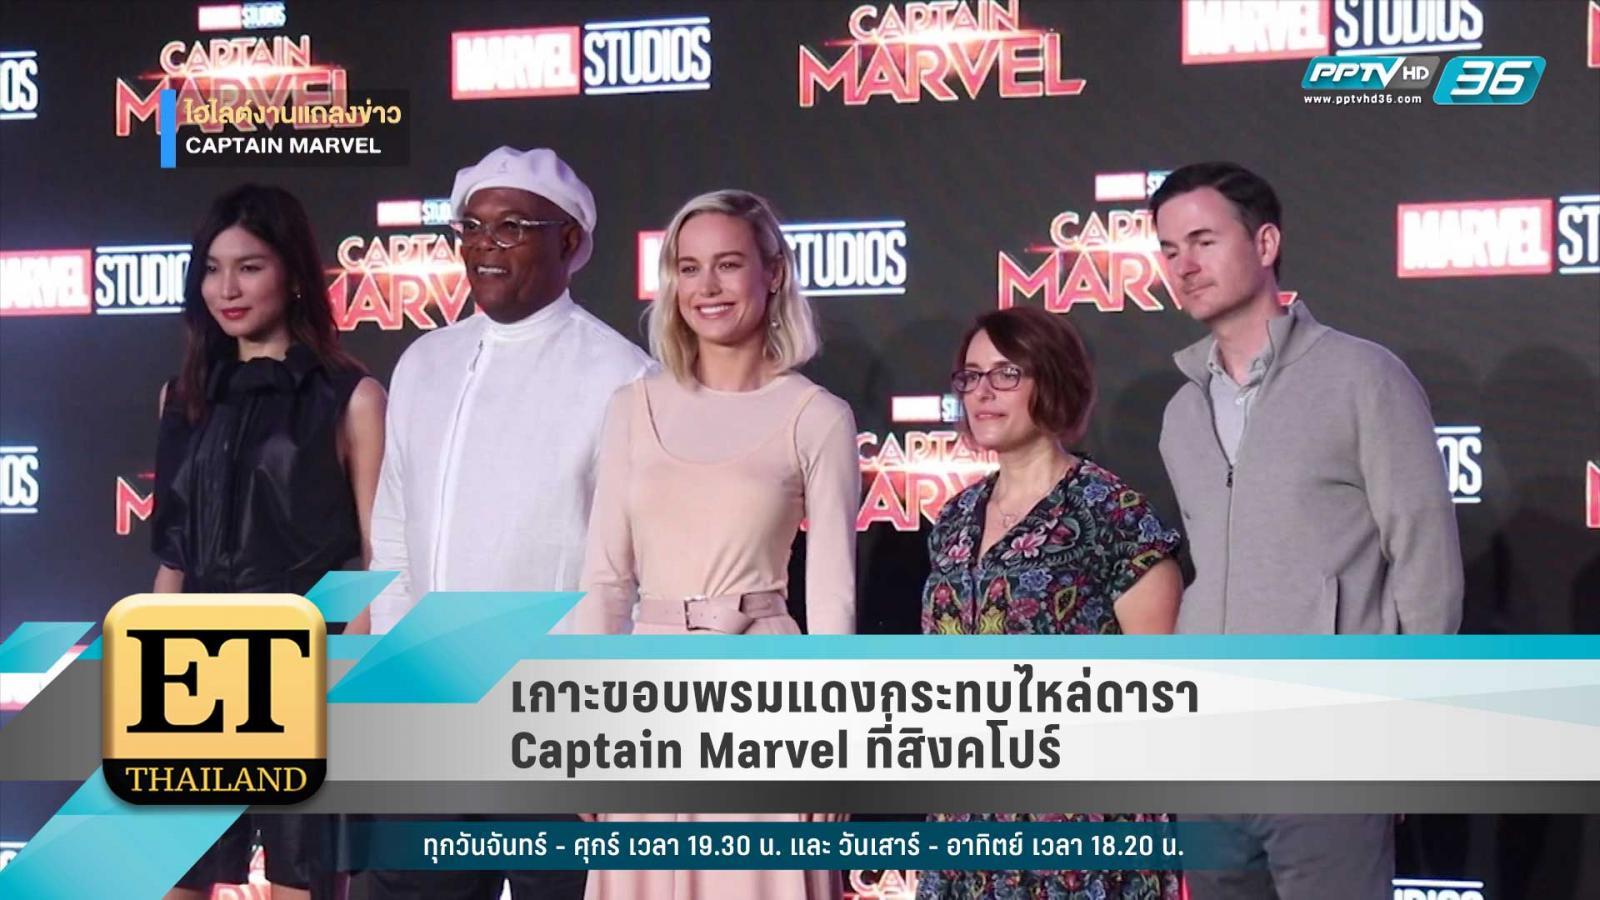 เกาะขอบพรมแดงกระทบไหล่ดารา Captain Marvel ที่สิงคโปร์